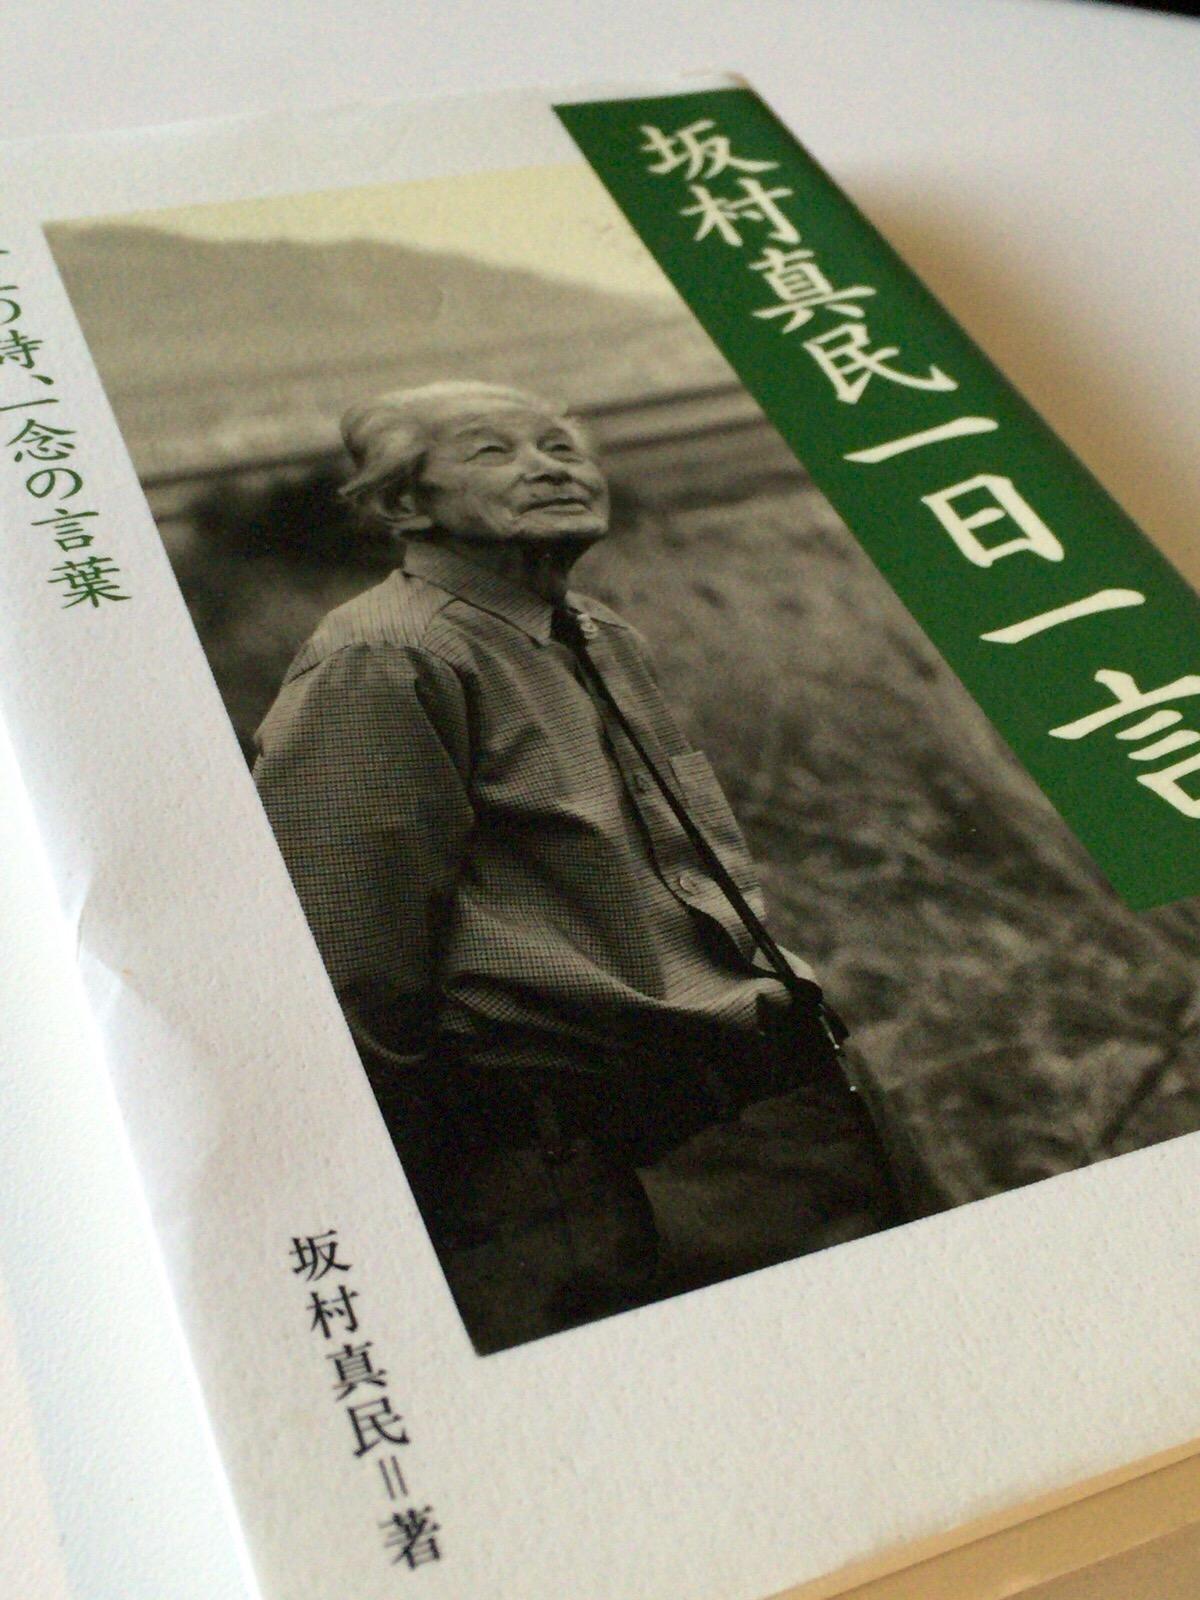 「坂村真民一日一言」より【 メルマガ vol.237 】小倉広 苦行僧、辞めます。